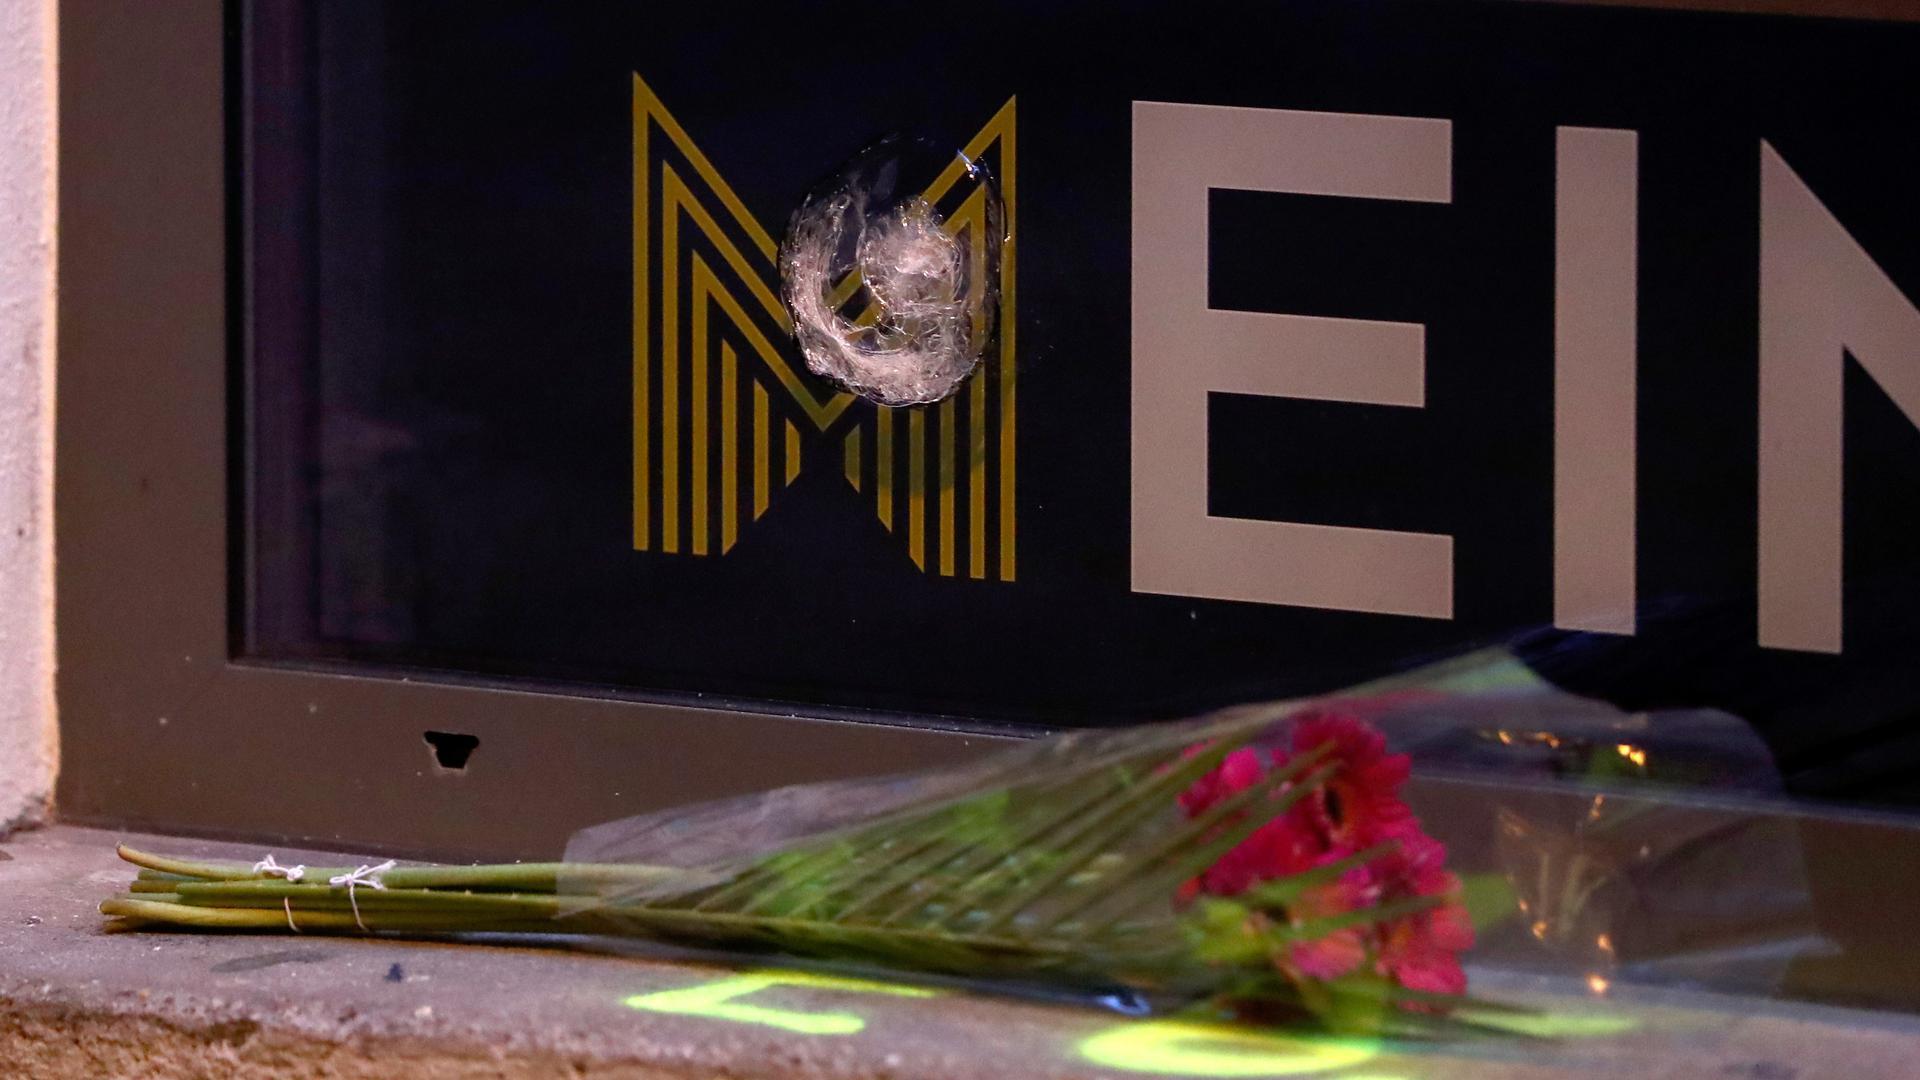 Wien: Rosen liegen unter einem Einschussloch in einer Scheibe im Bereich des Tatorts einer Terror-Attacke in der Nähe einer Synagoge.